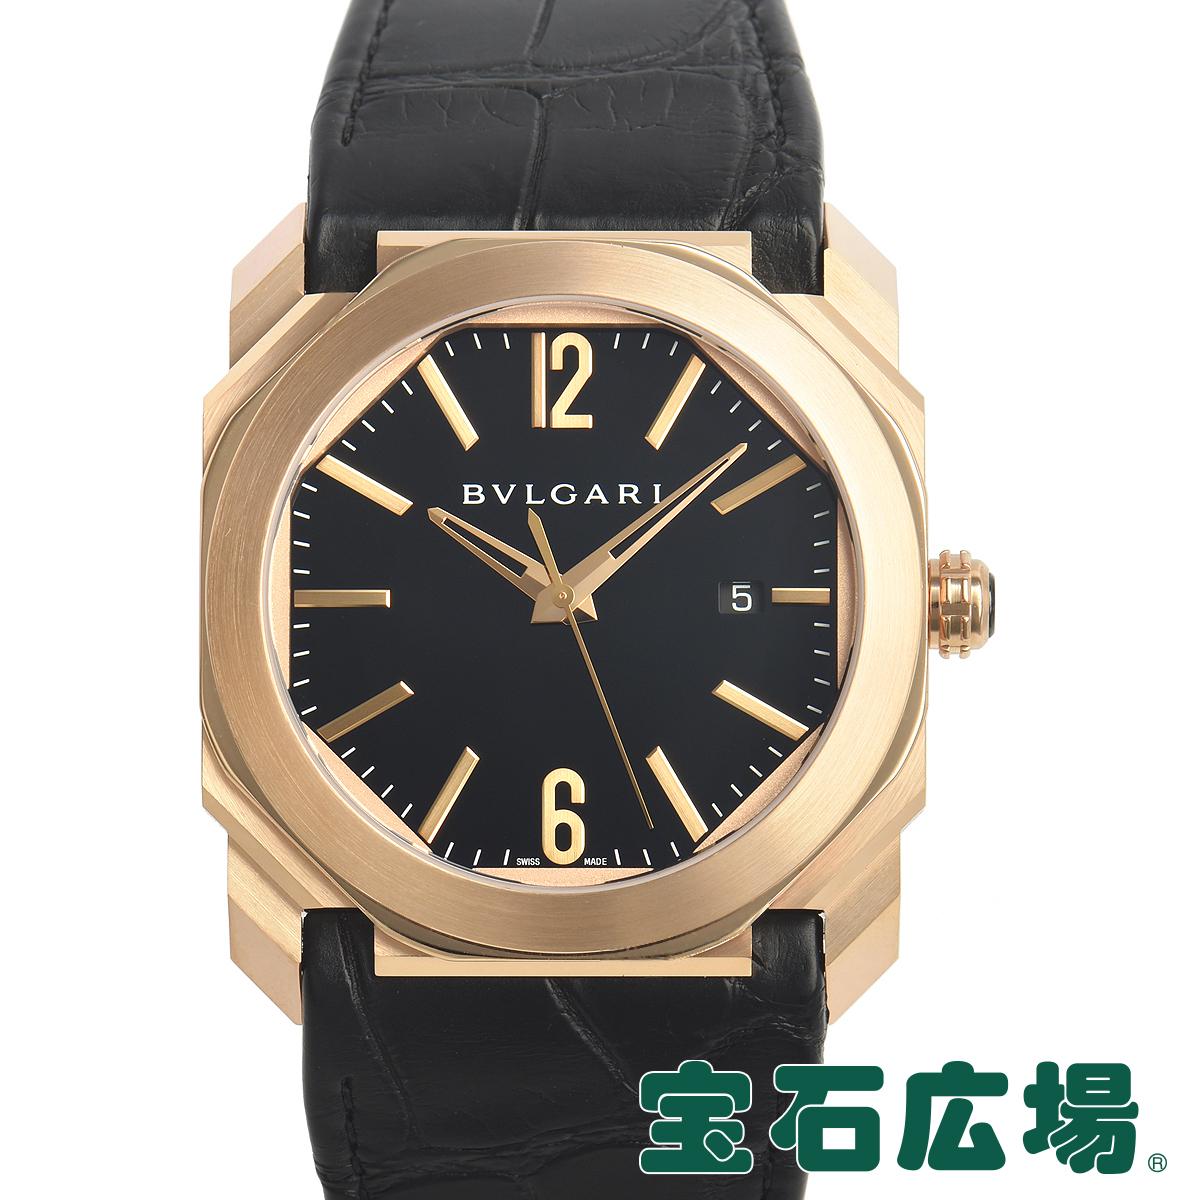 ブルガリ BVLGARI オクト BGOP41BGLD【中古】メンズ 腕時計 送料・代引手数料無料